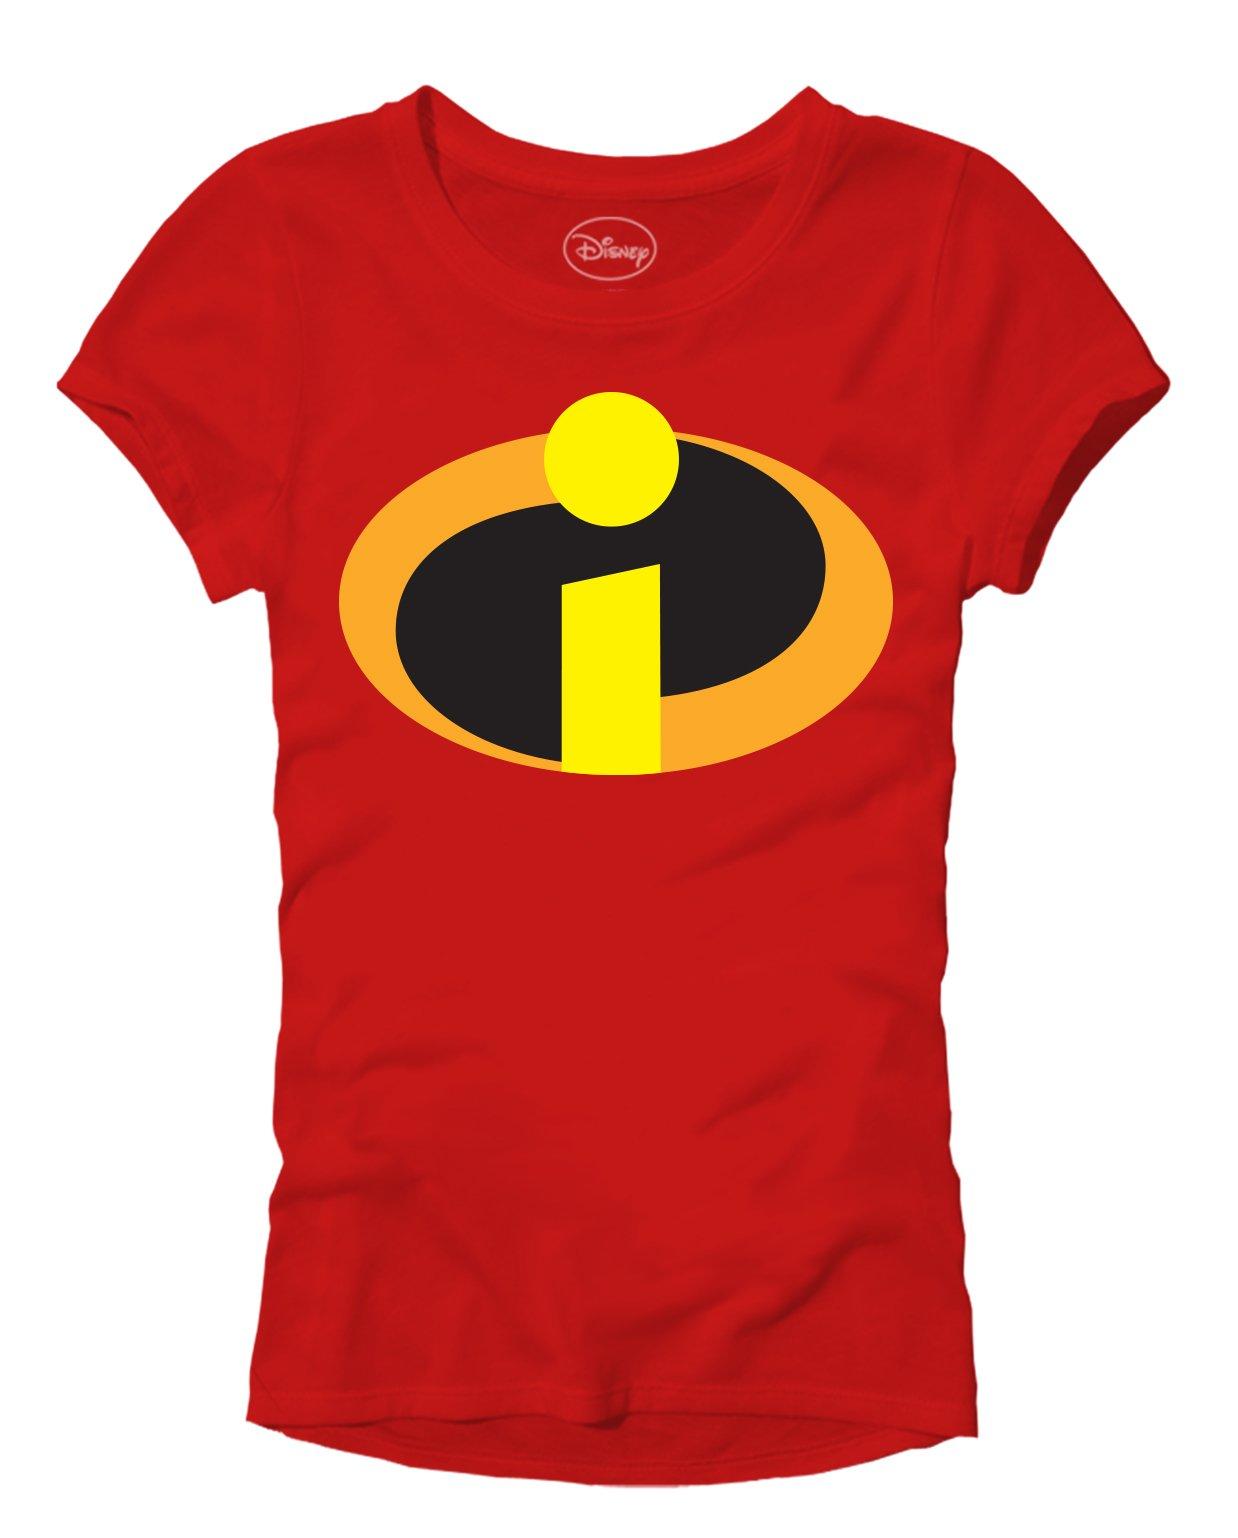 Disney Pixar Incredibles 2 Juniors Movie Logo T-Shirt (Red Mrs. Incredible, Medium)